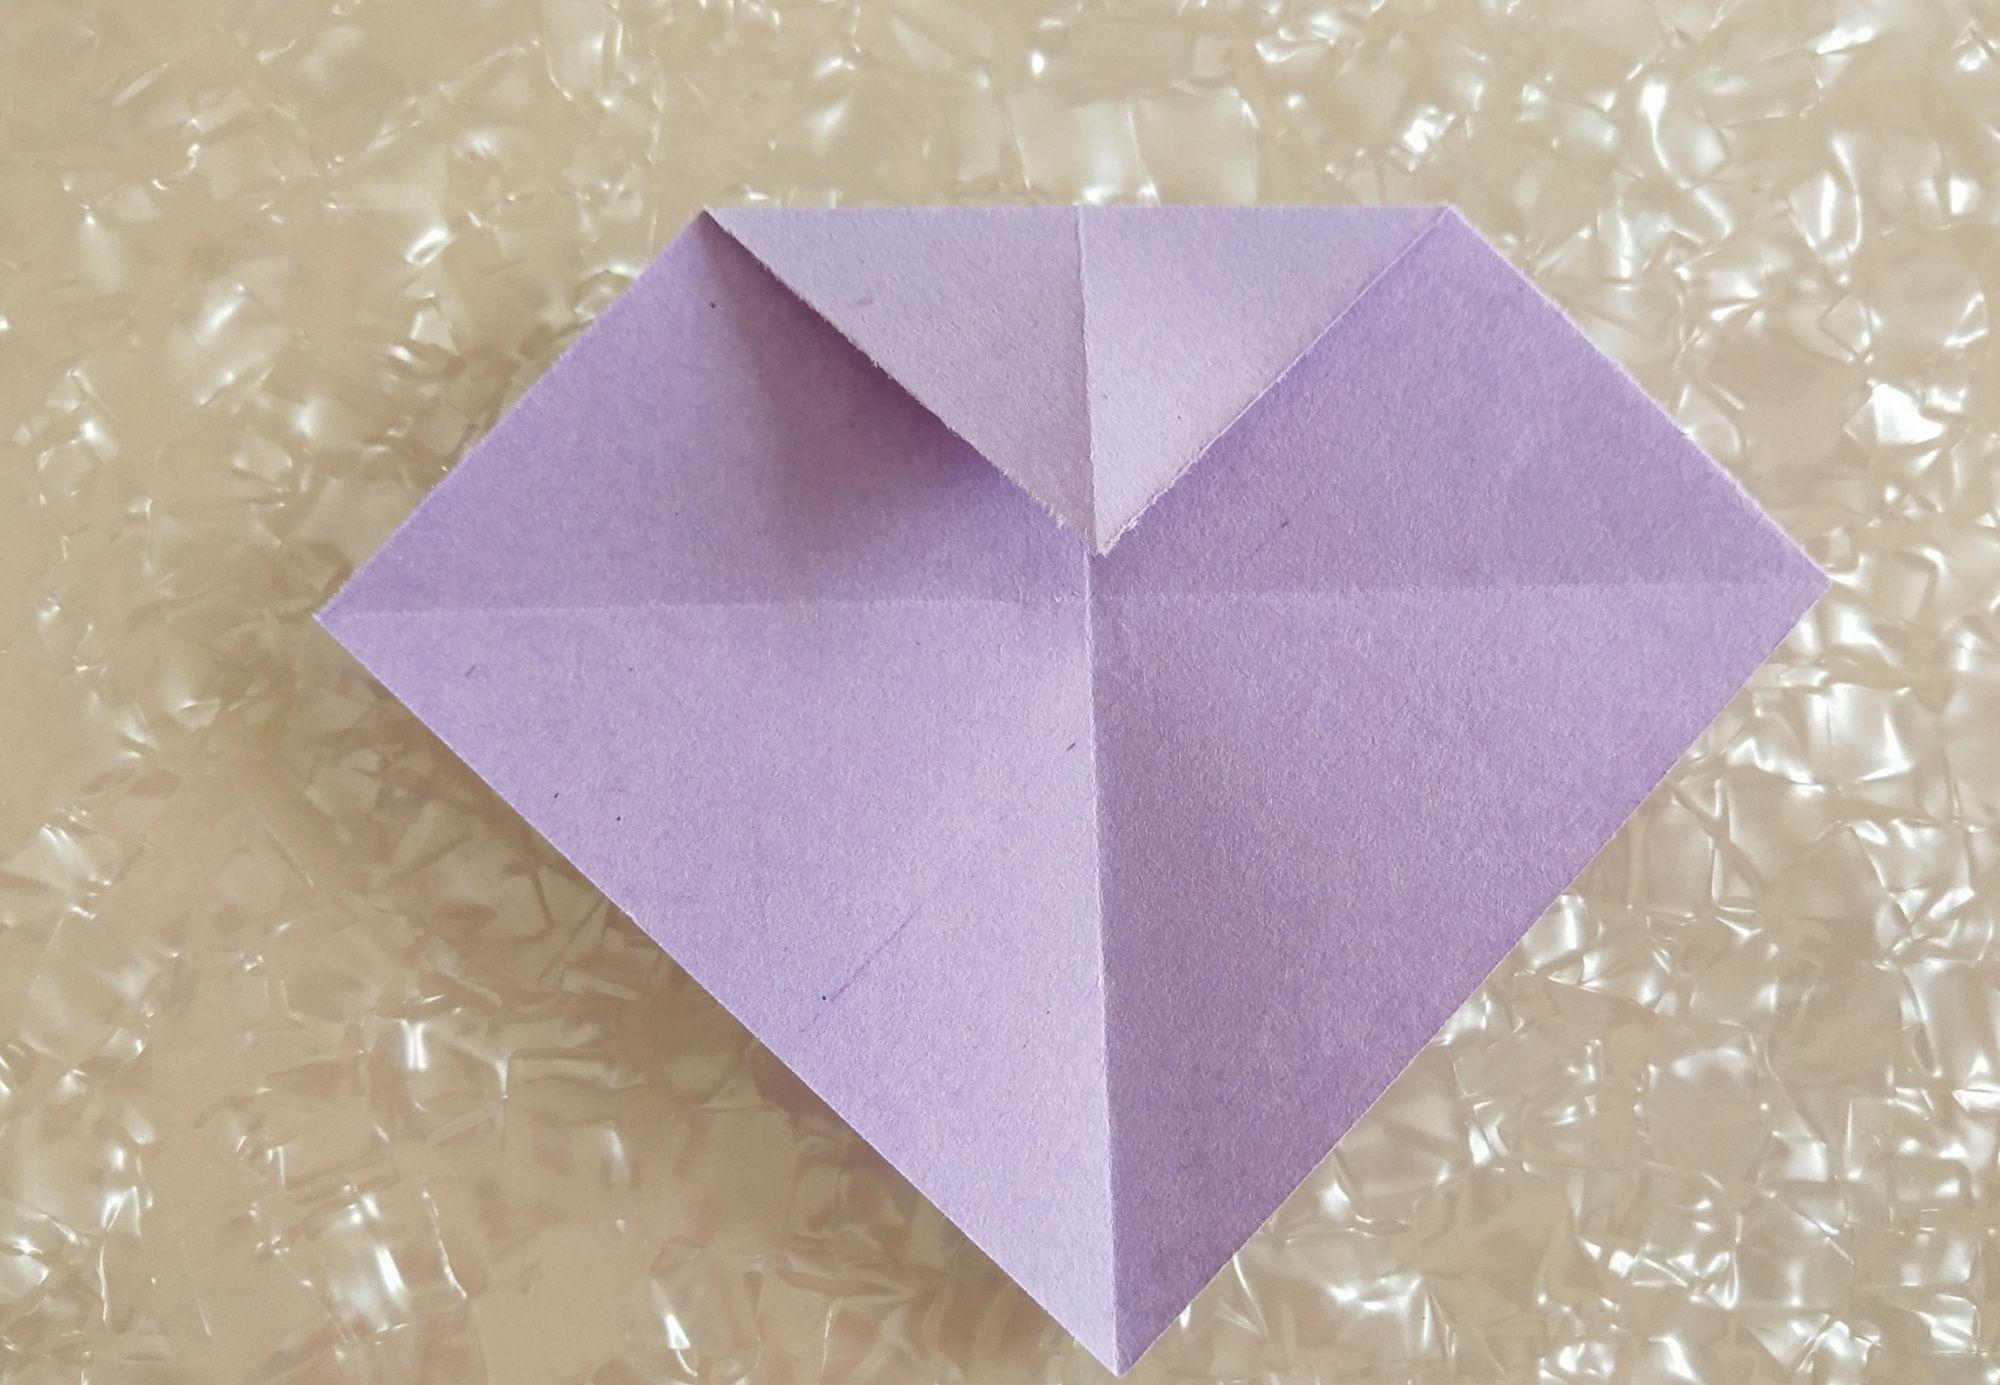 非常简单的吸血鬼折纸,快来学习吧